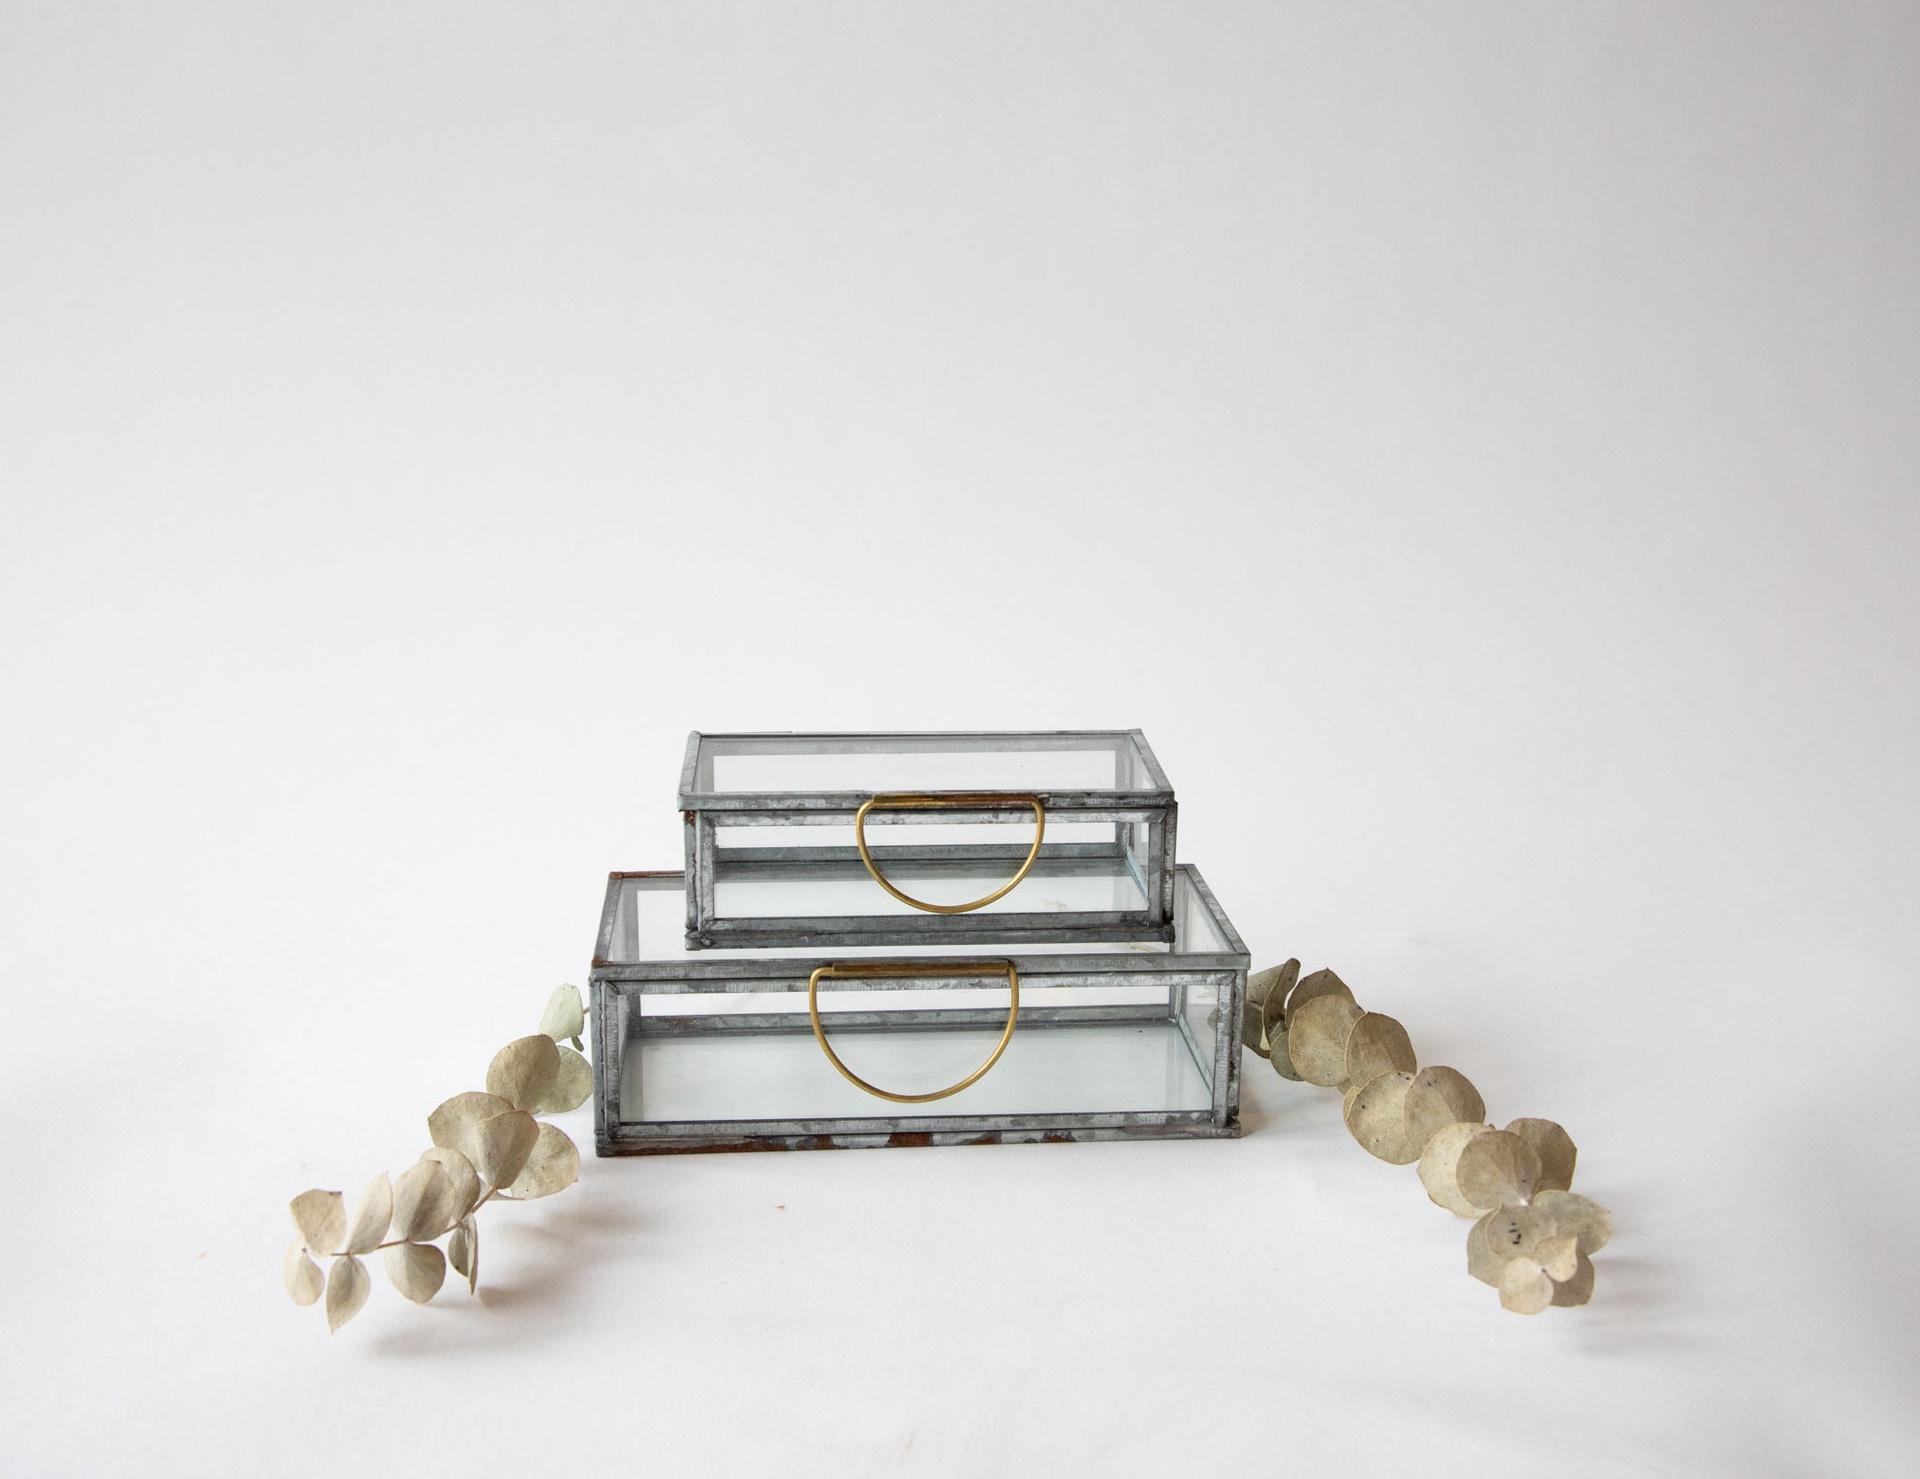 Metal & Glass Box Display